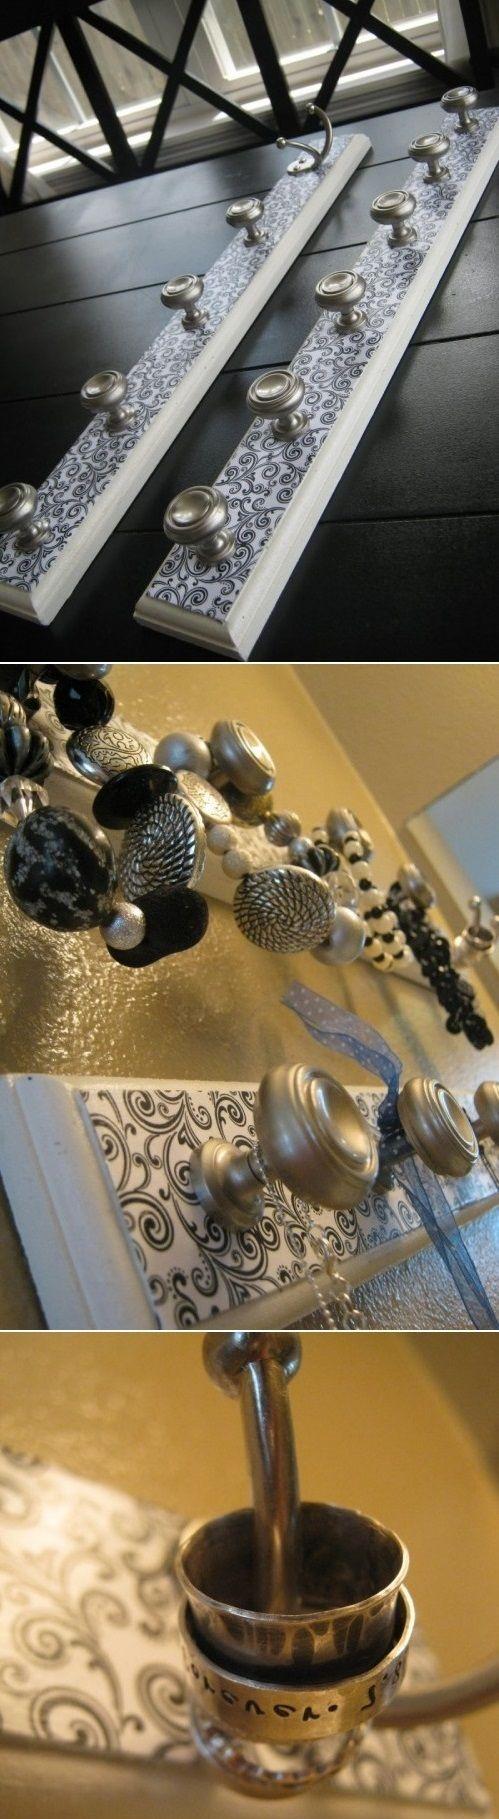 DIY jewelry wall organizer